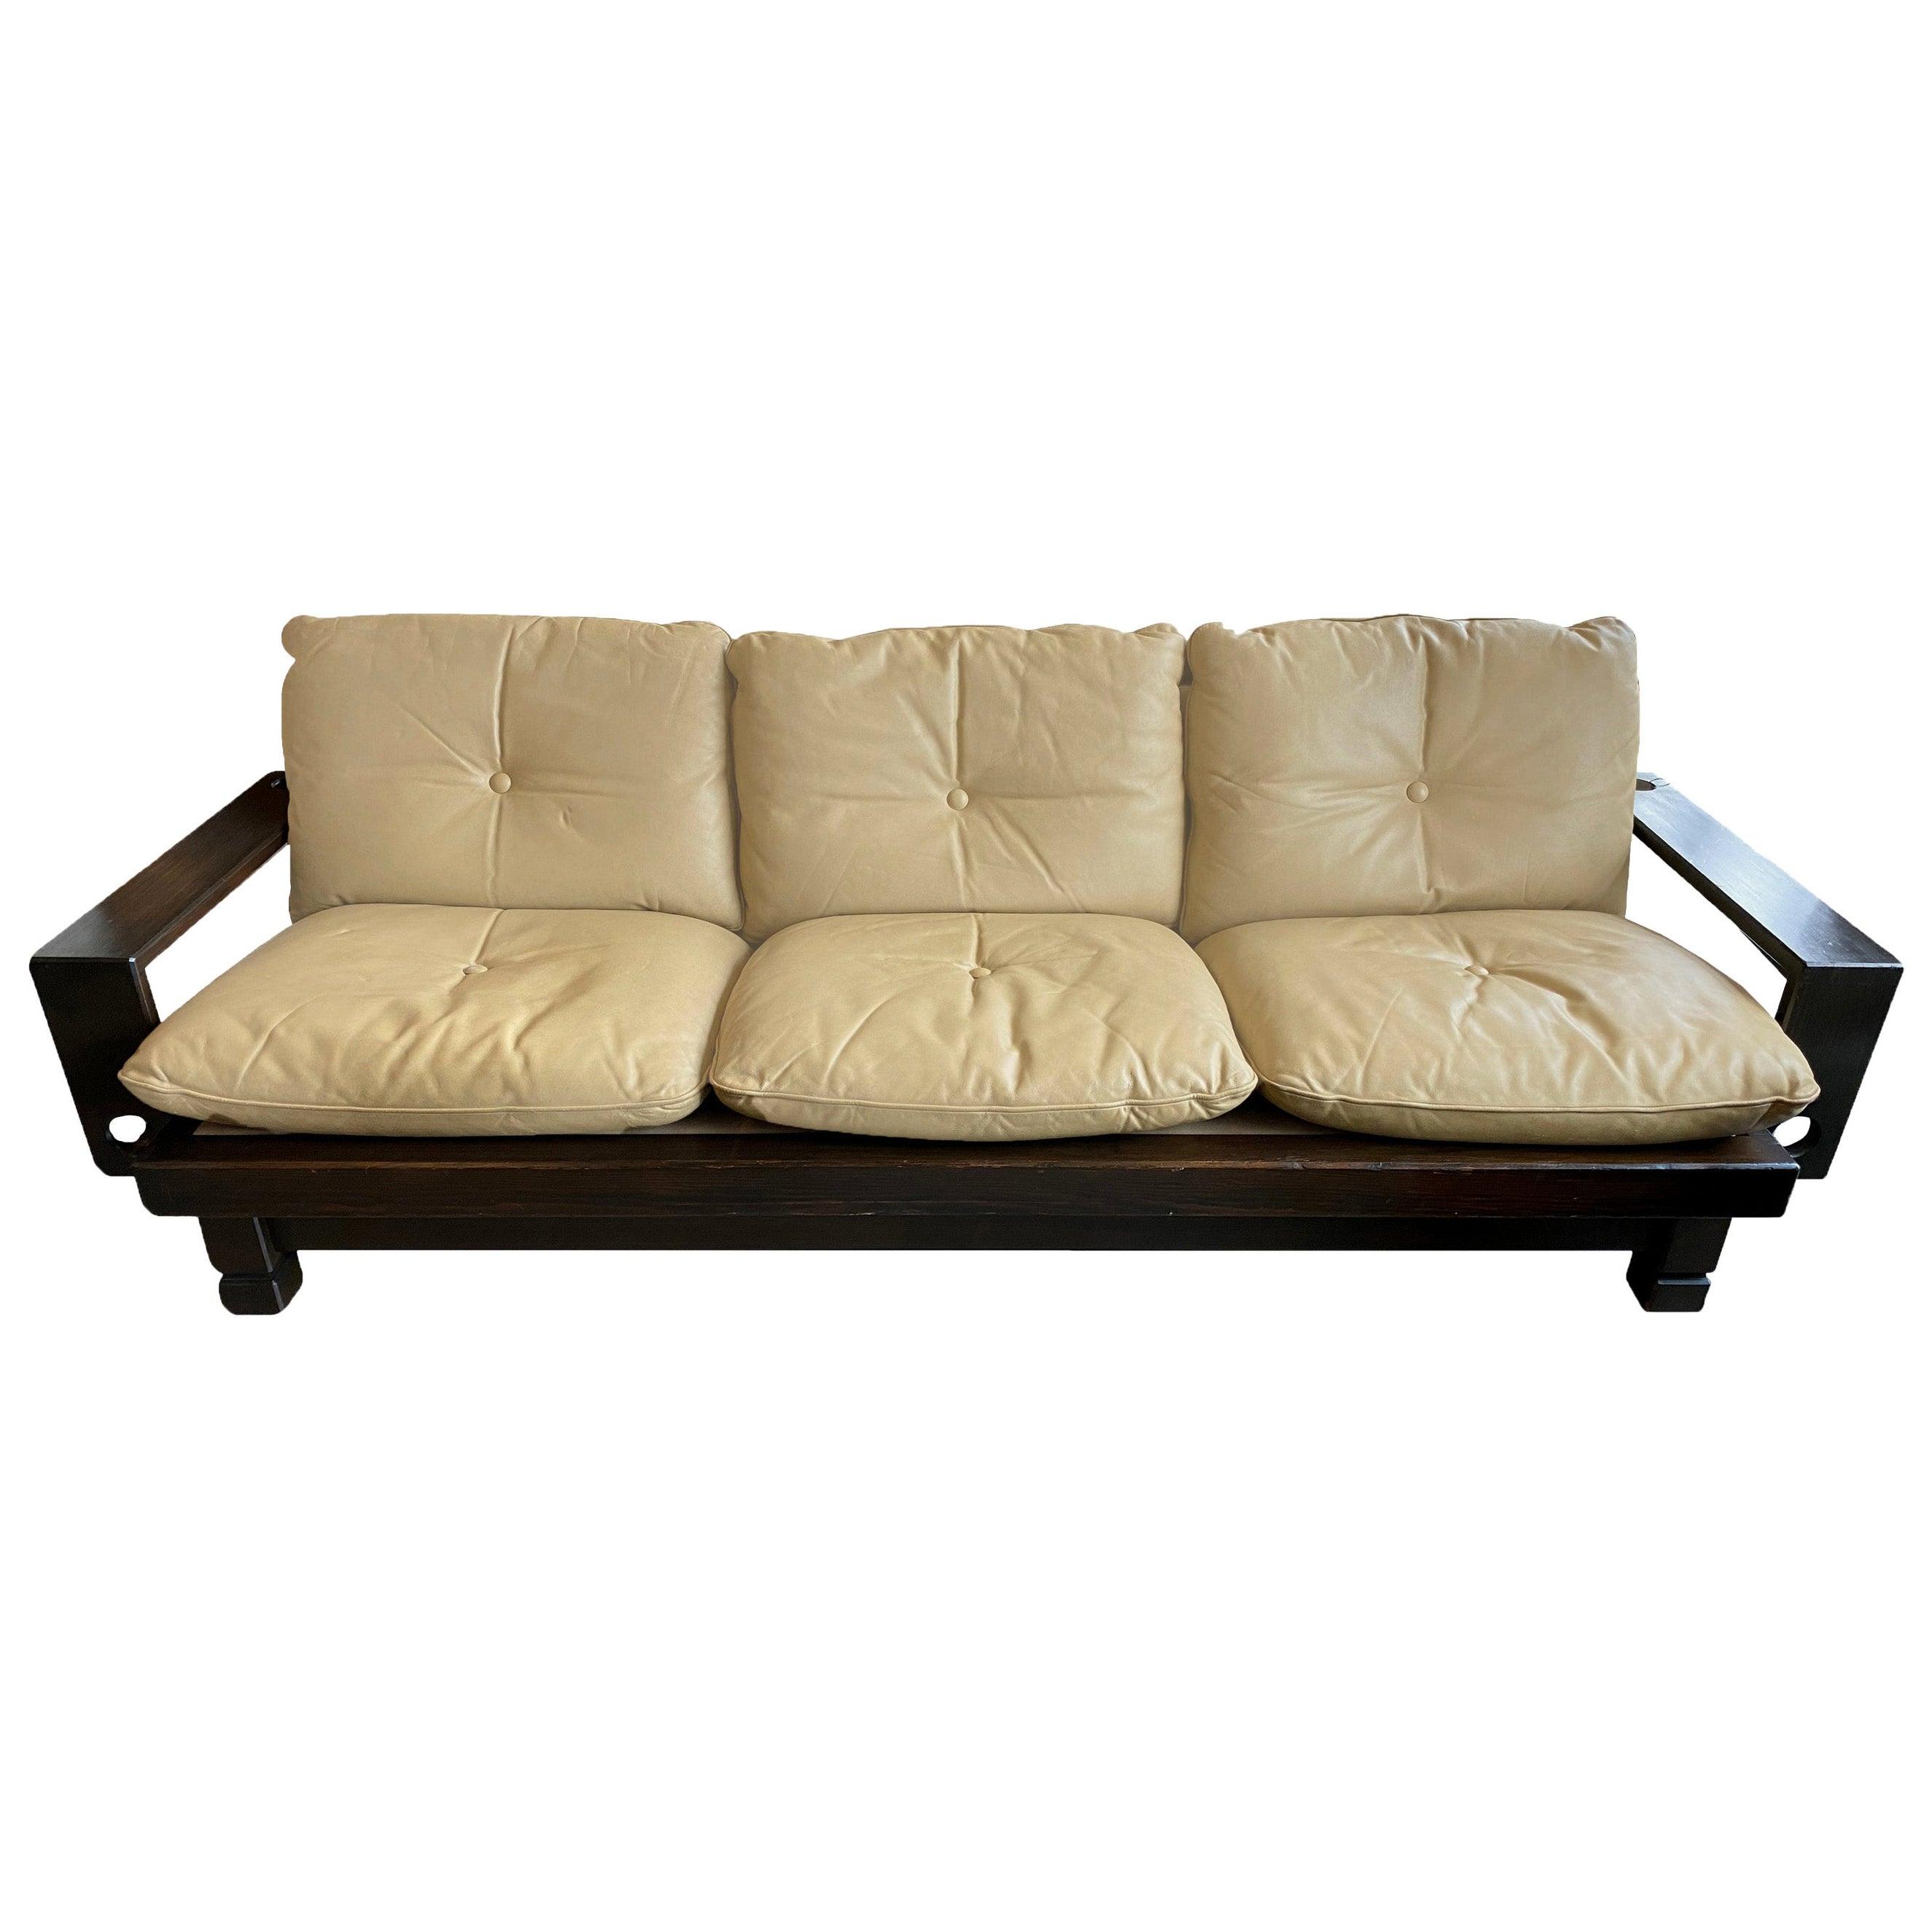 Midcentury Leather Sofa, 1960s